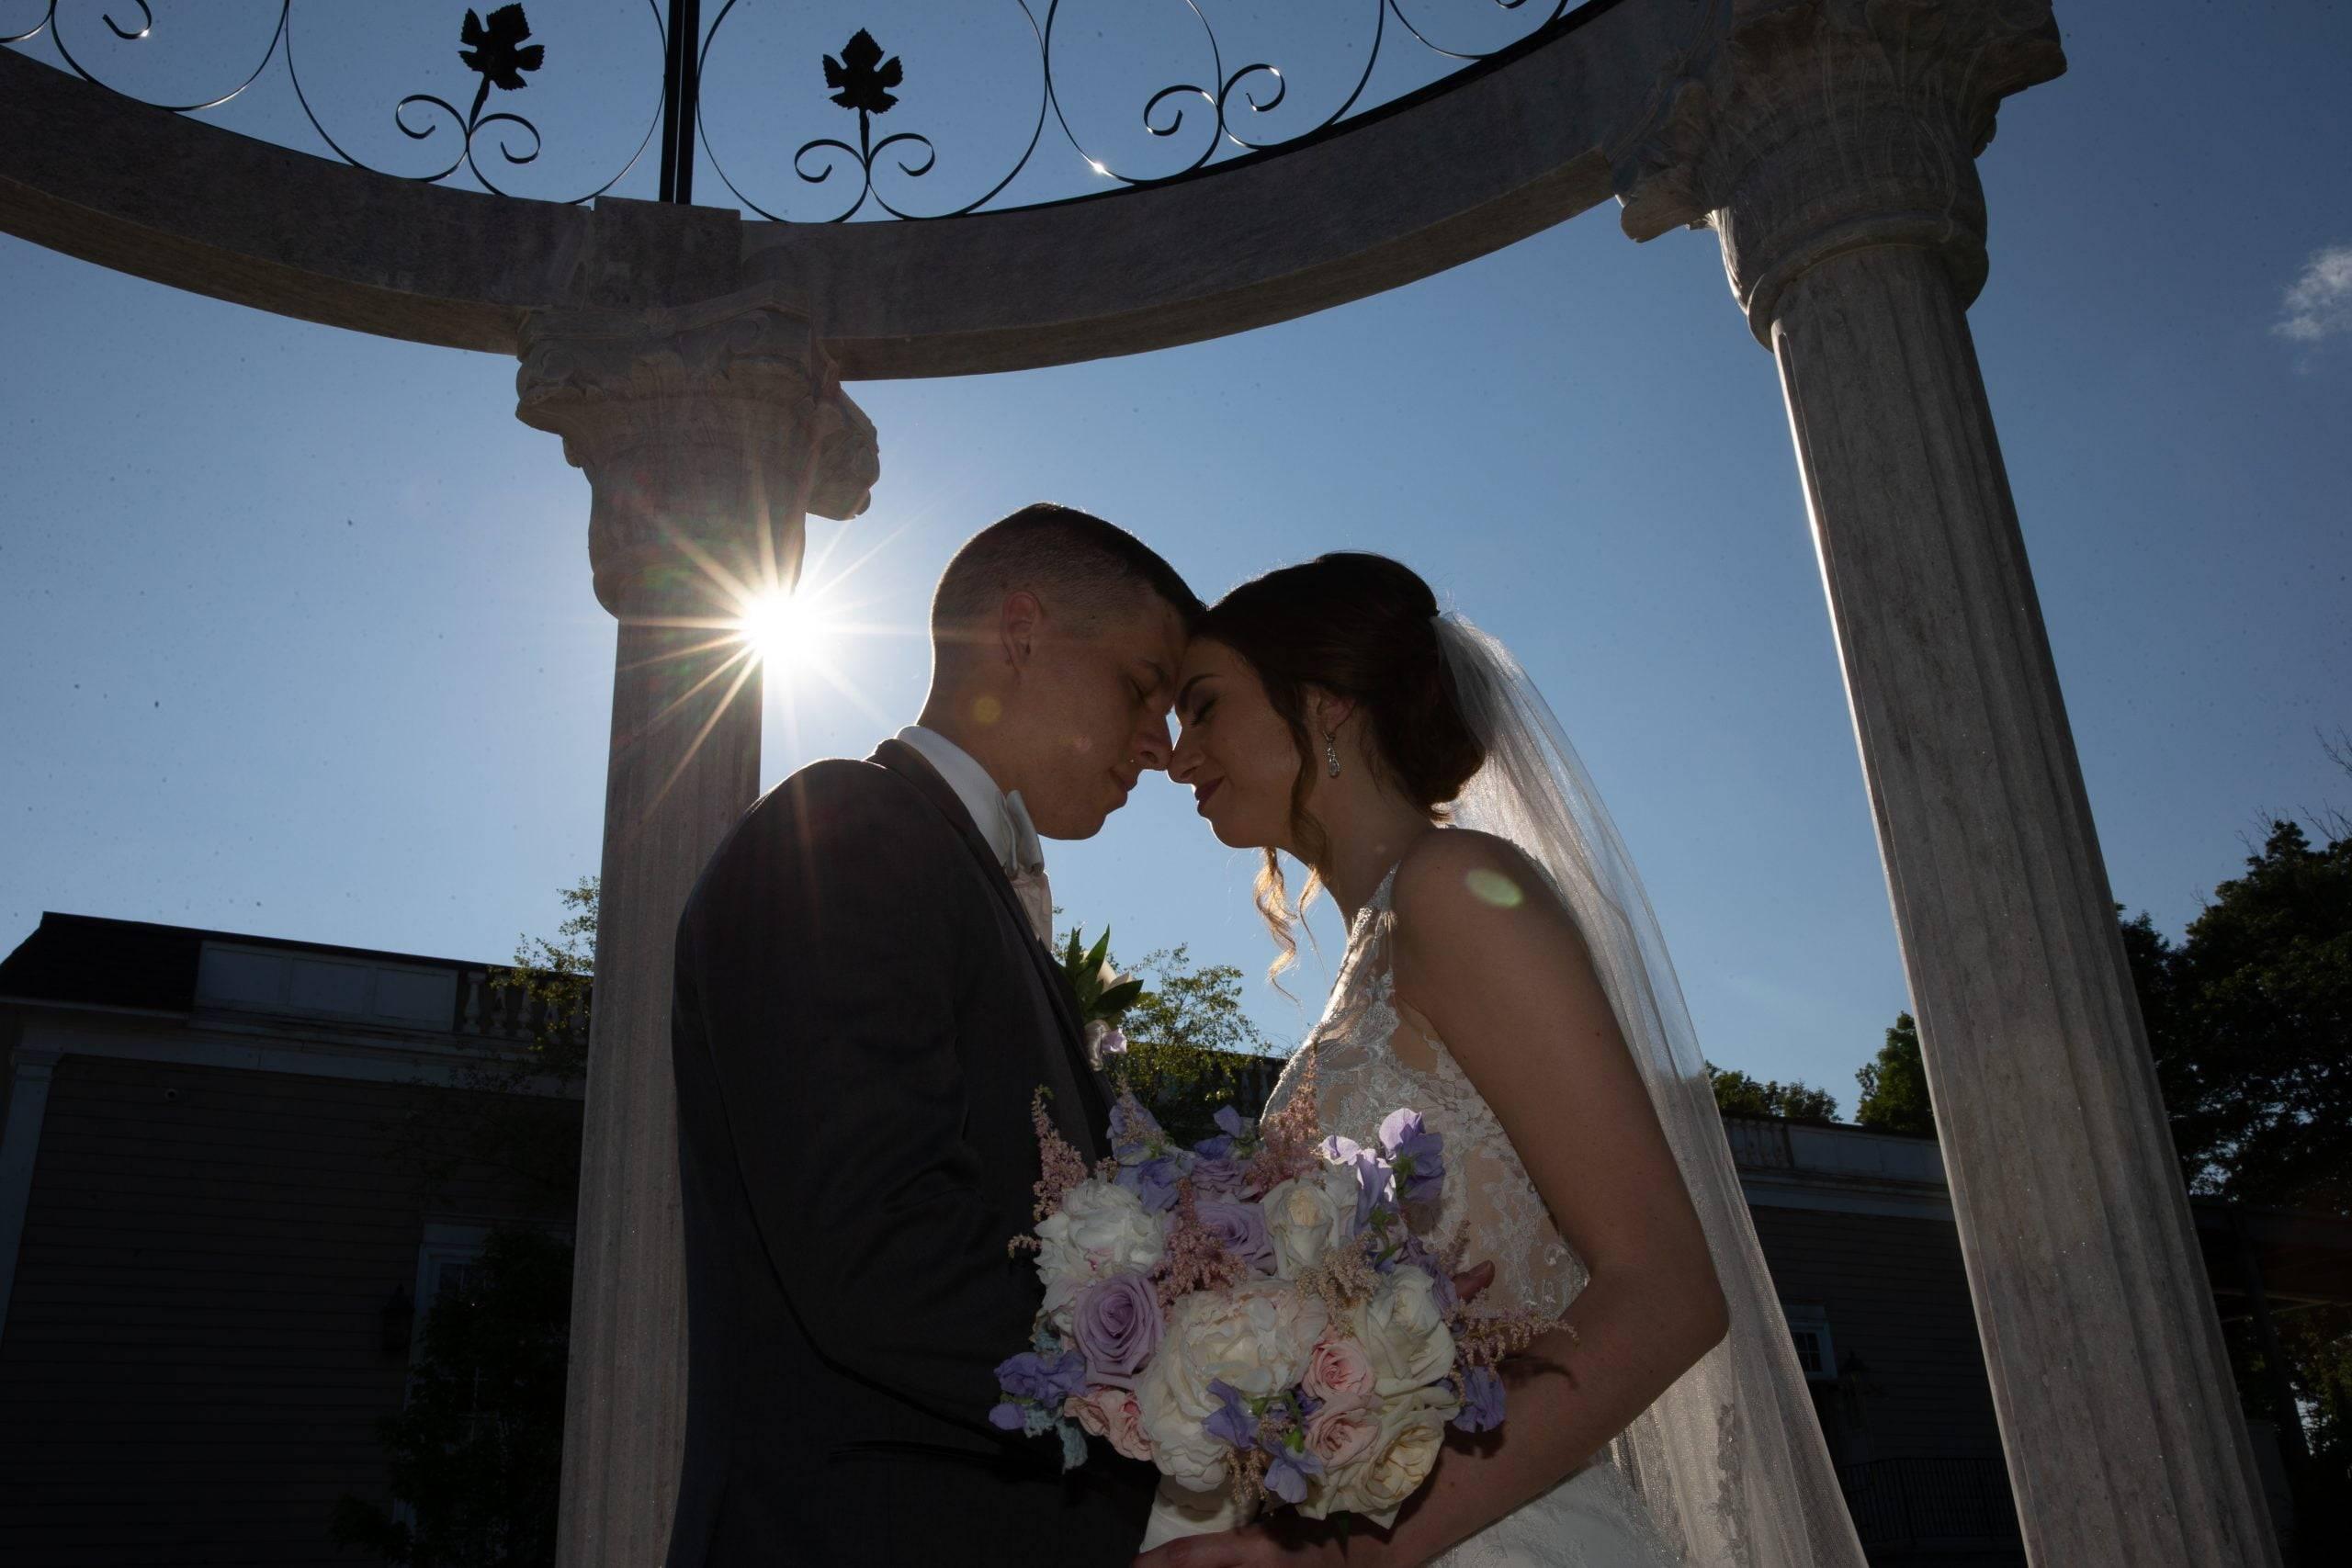 Meadow Wood bride and groom in gazebo